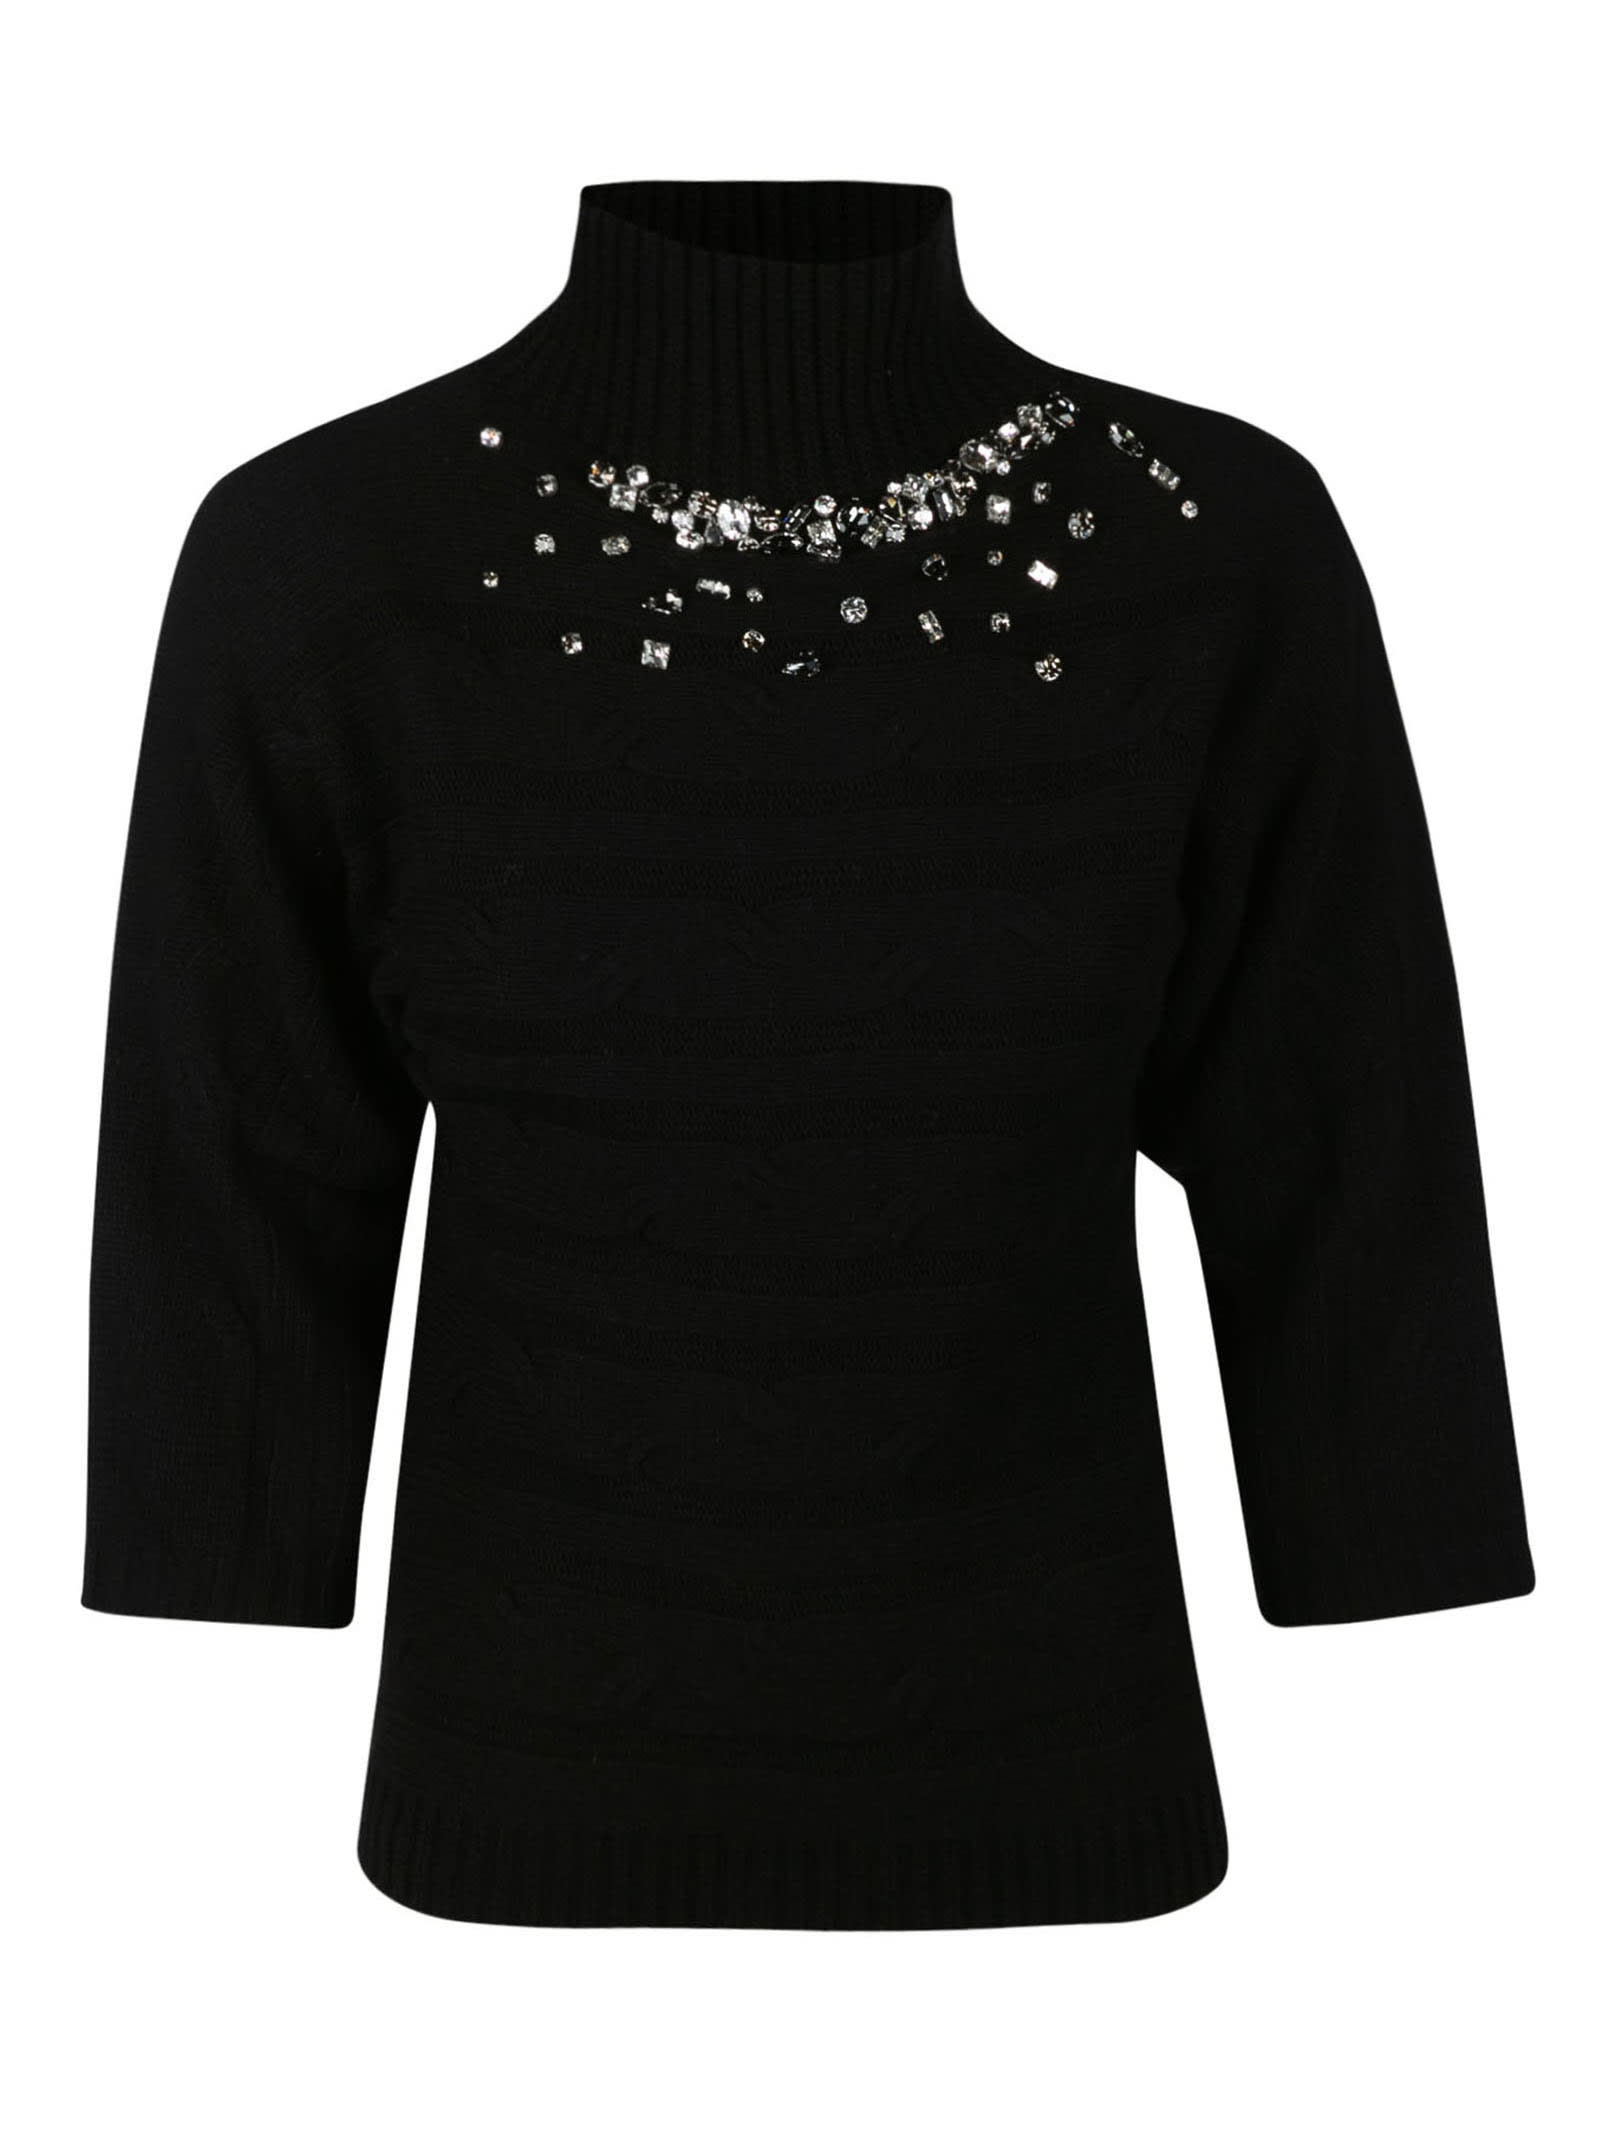 Crystal Embellished Turtleneck Sweater